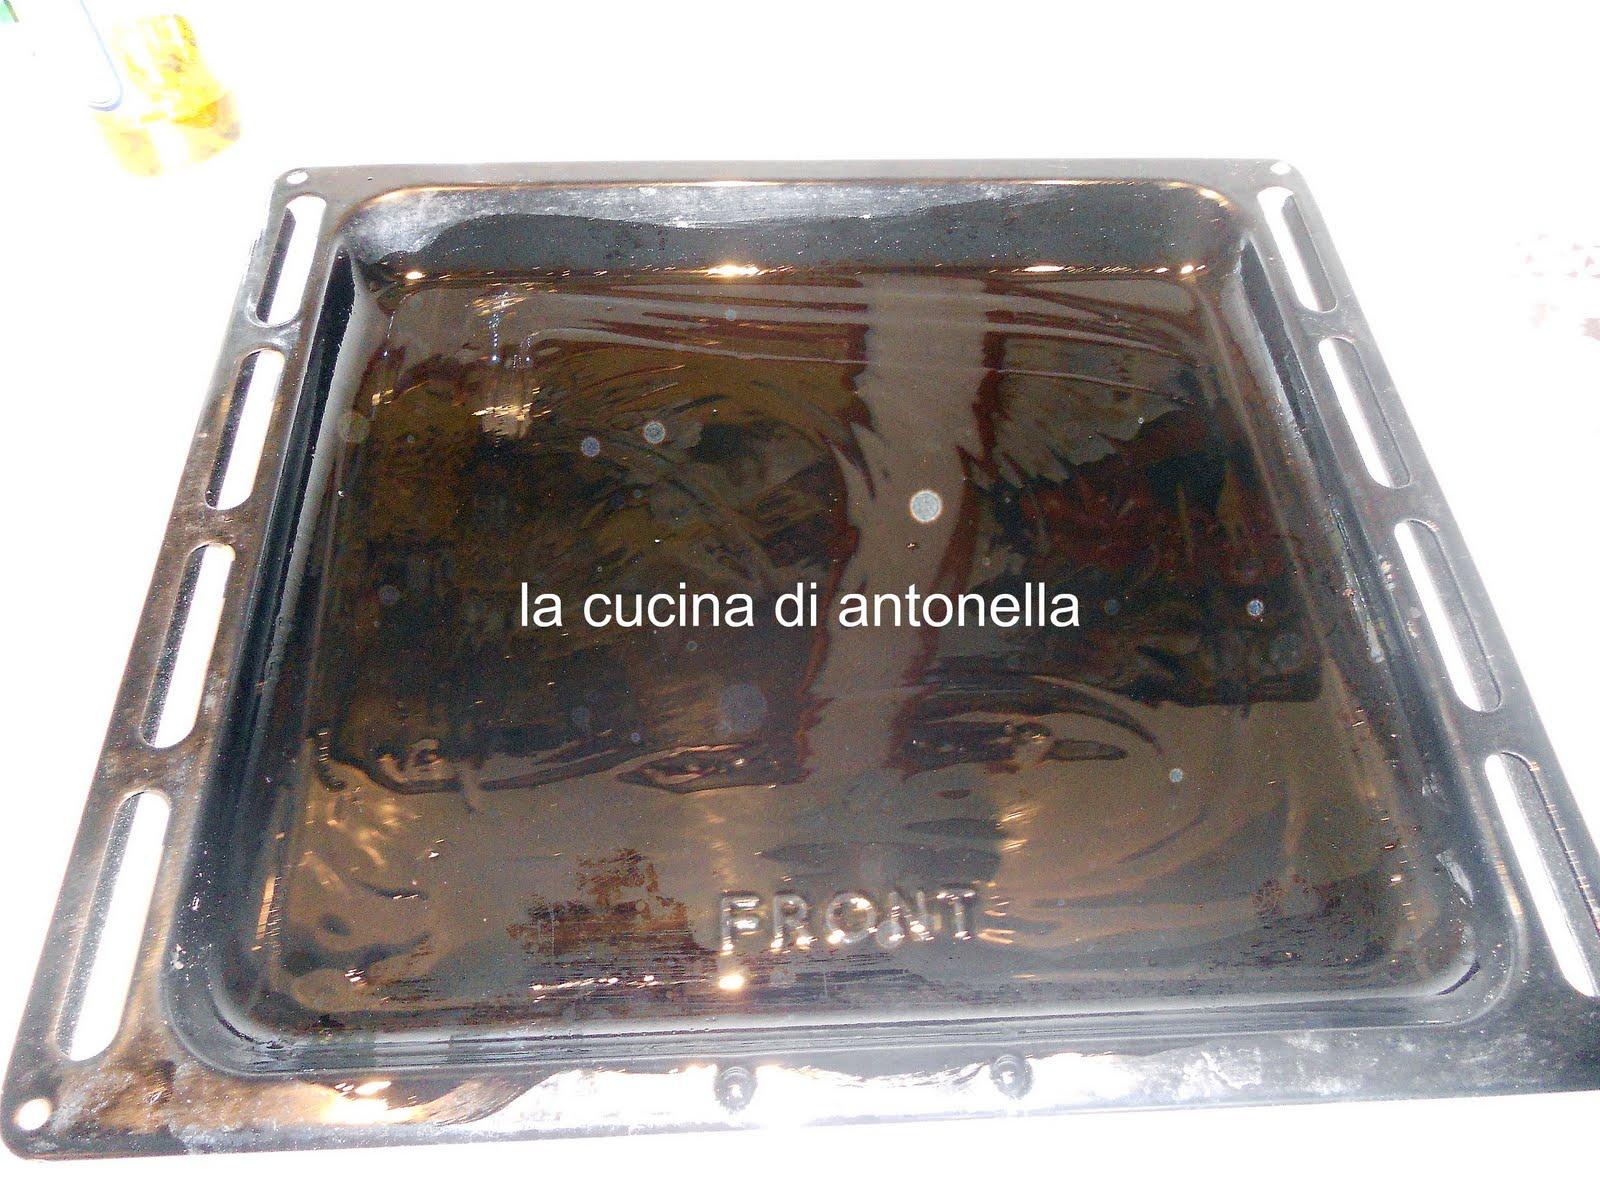 La cucina di antonella focaccia salata alle olive - La cucina di antonella ...